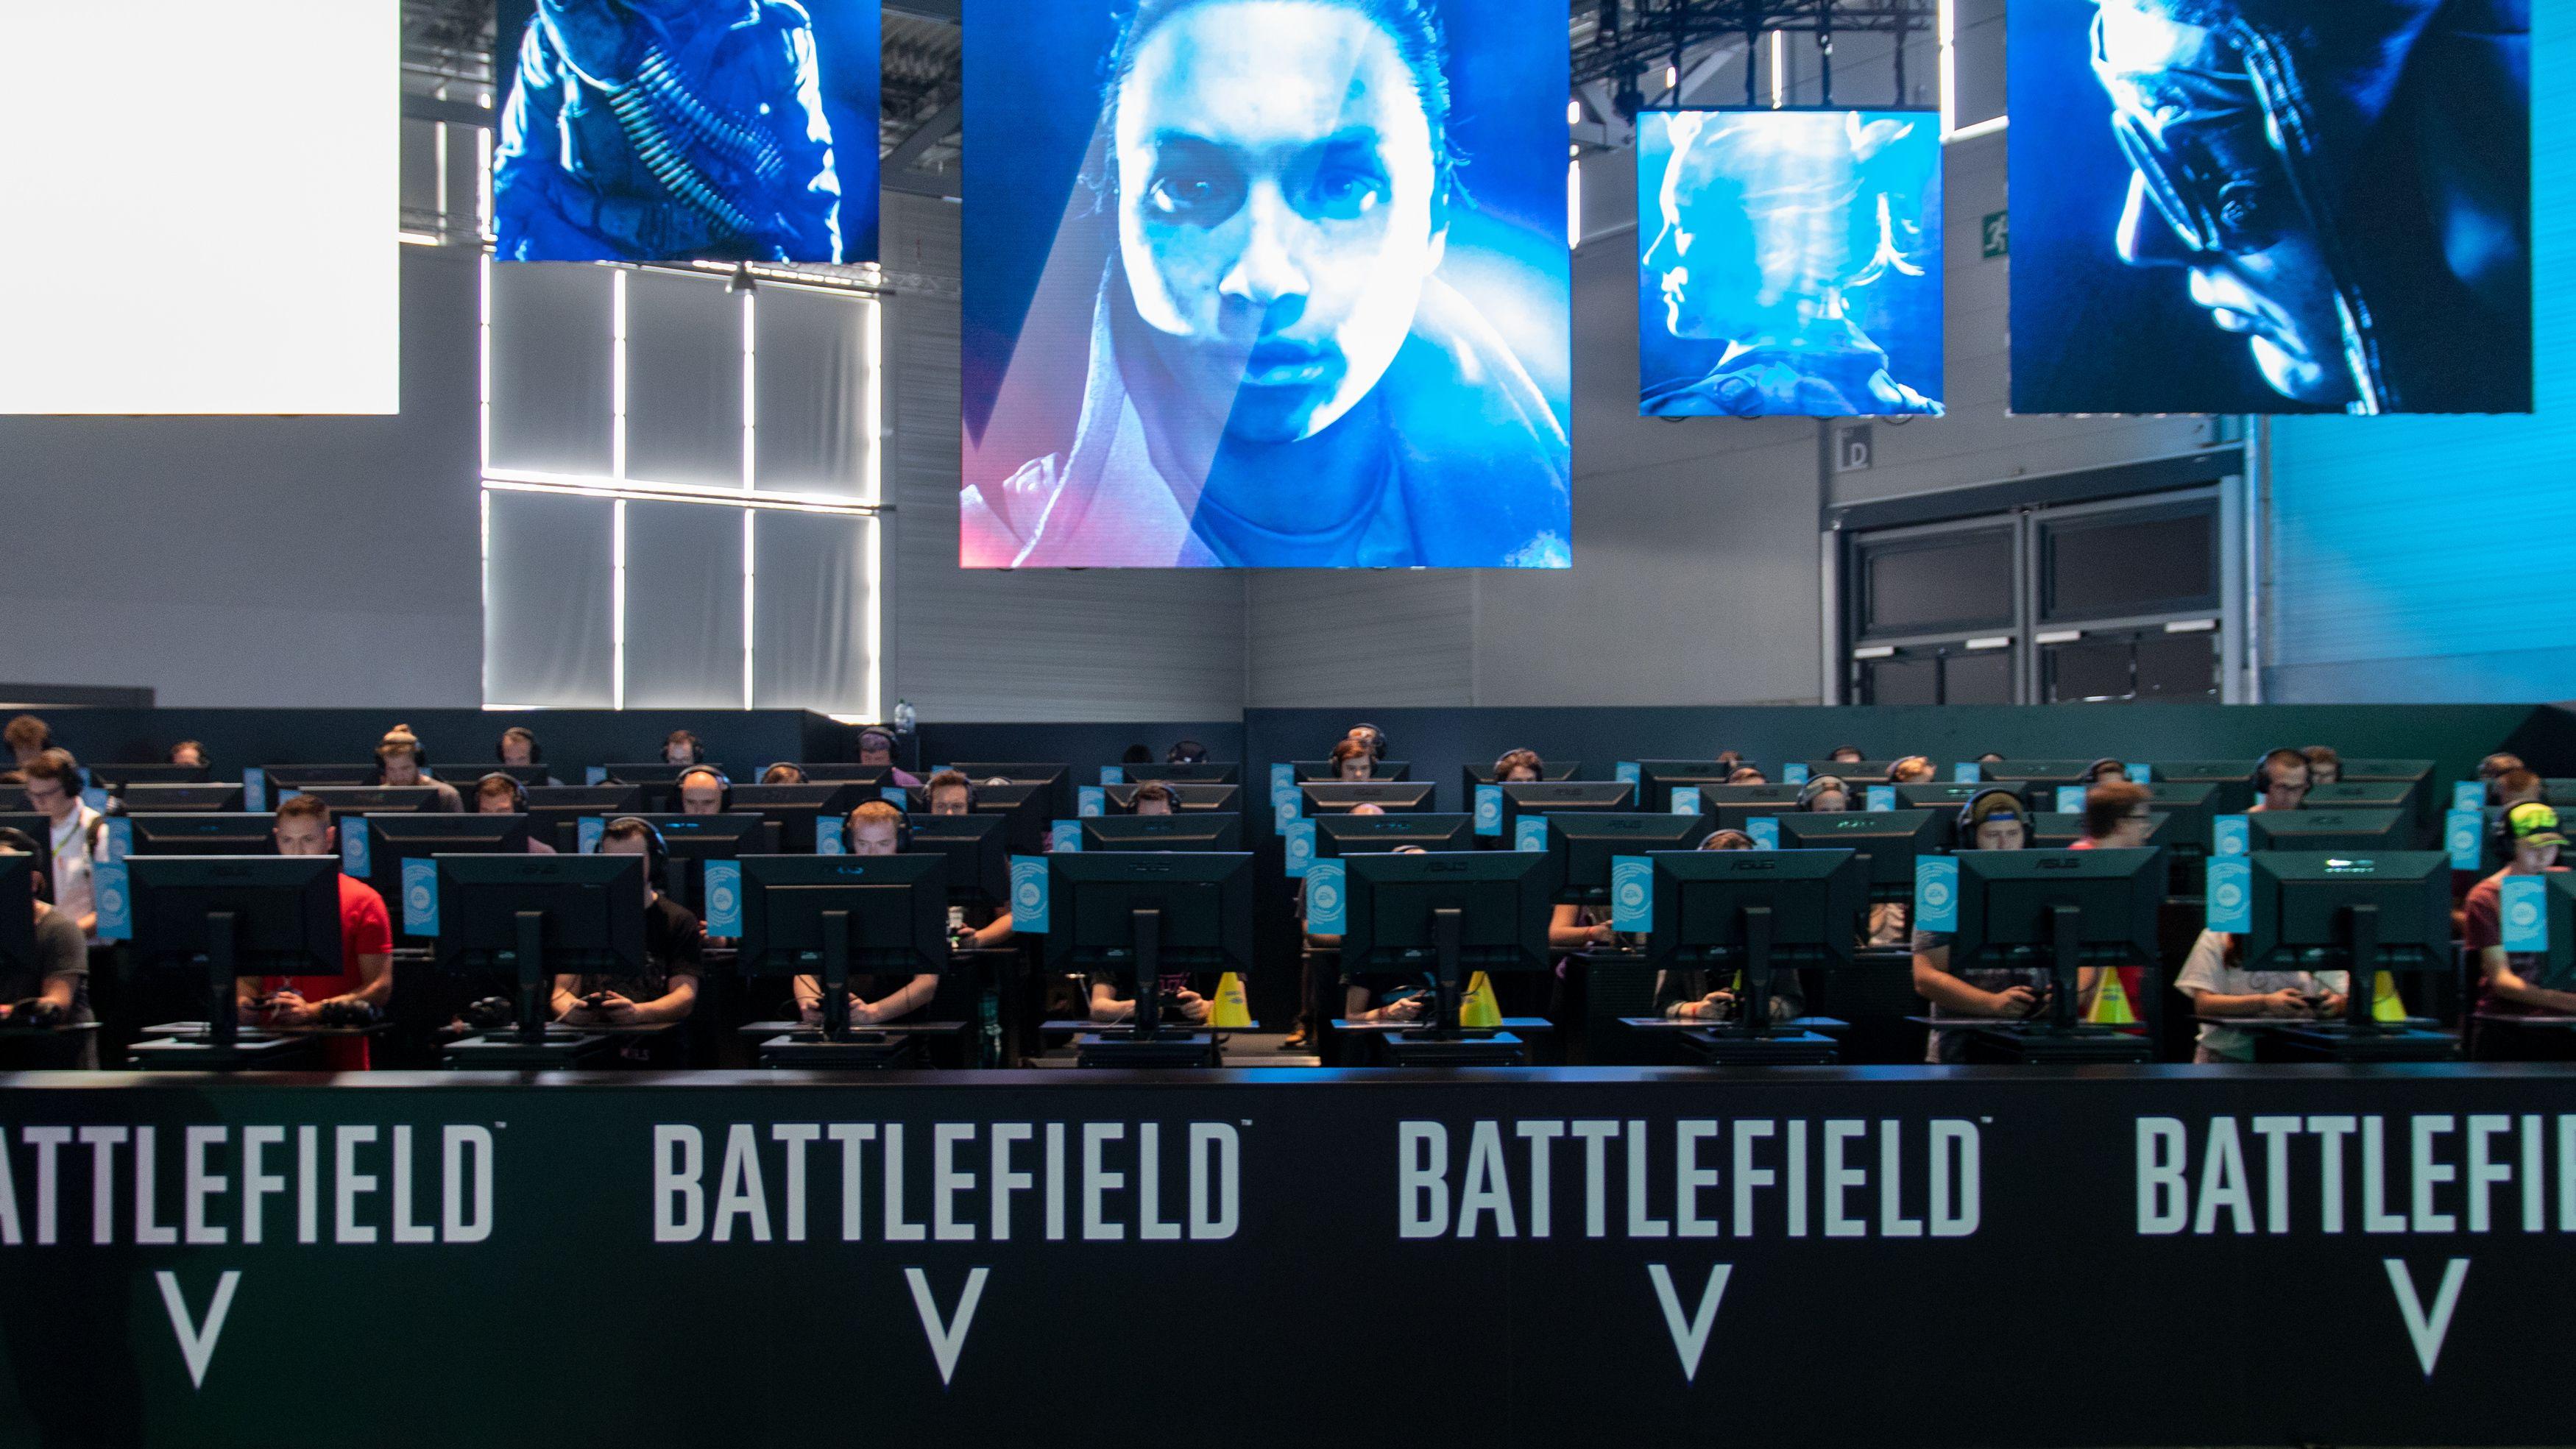 Under Gamescom spilte vi 64 spillere mot hverandre i Battlefield V.